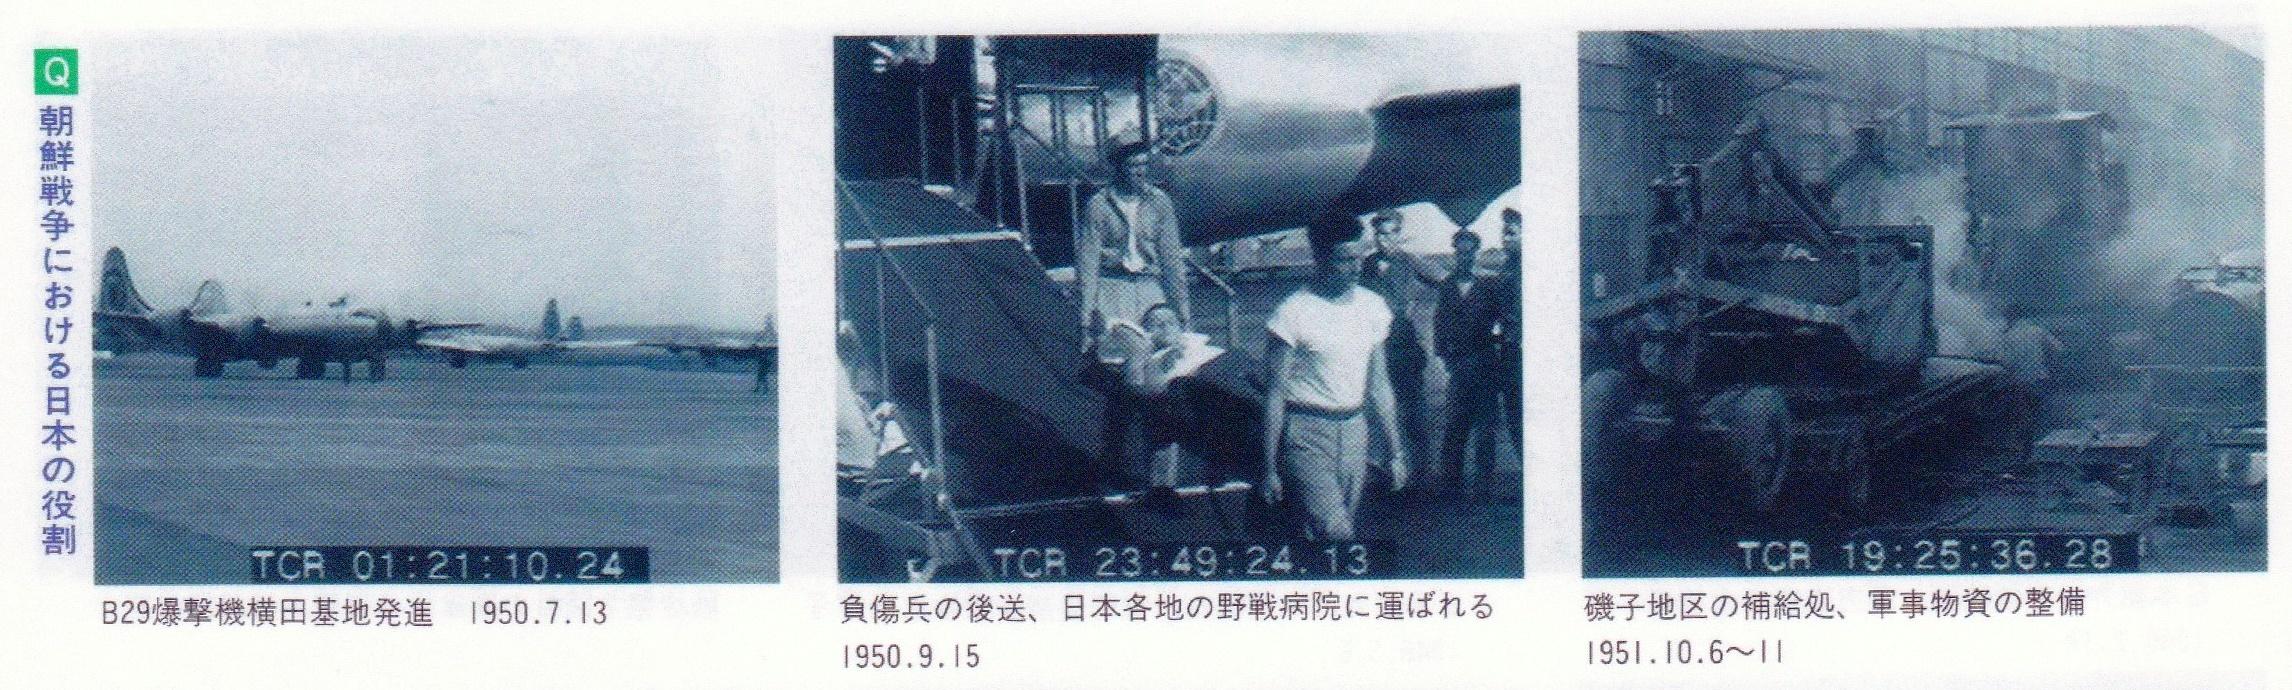 朝鮮戦争と日本の役割